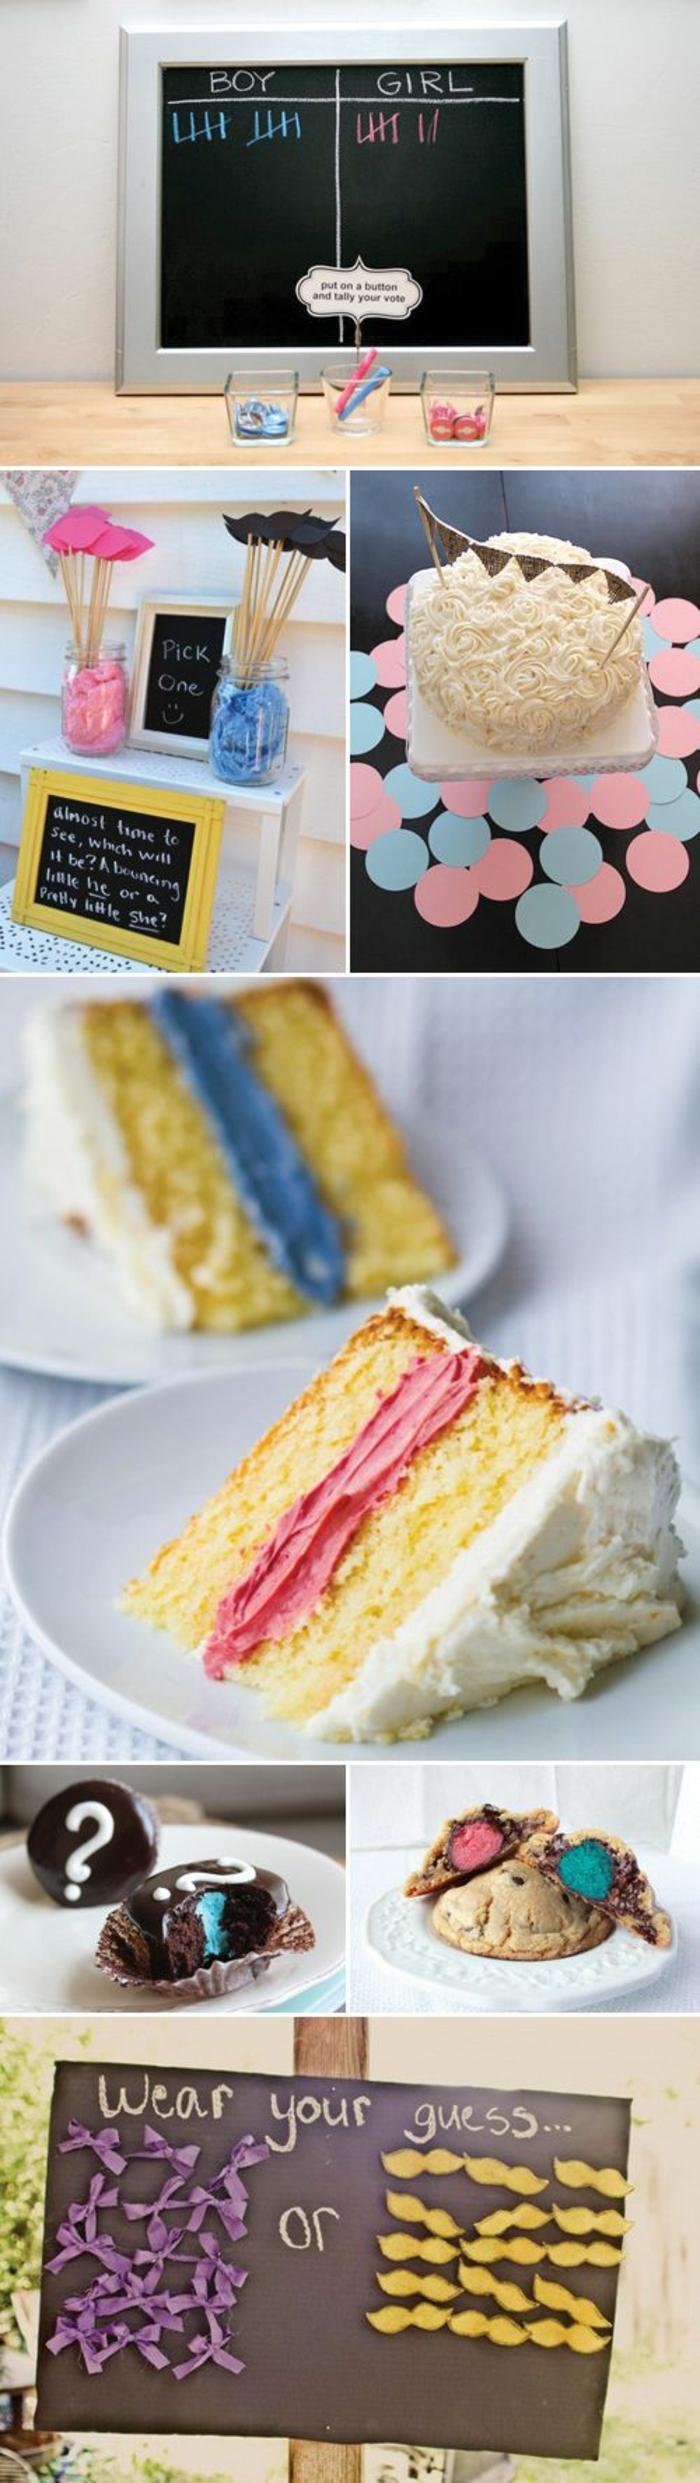 un gâteau suprrise, un gateau baby shower qui révèle le sexe du bébé